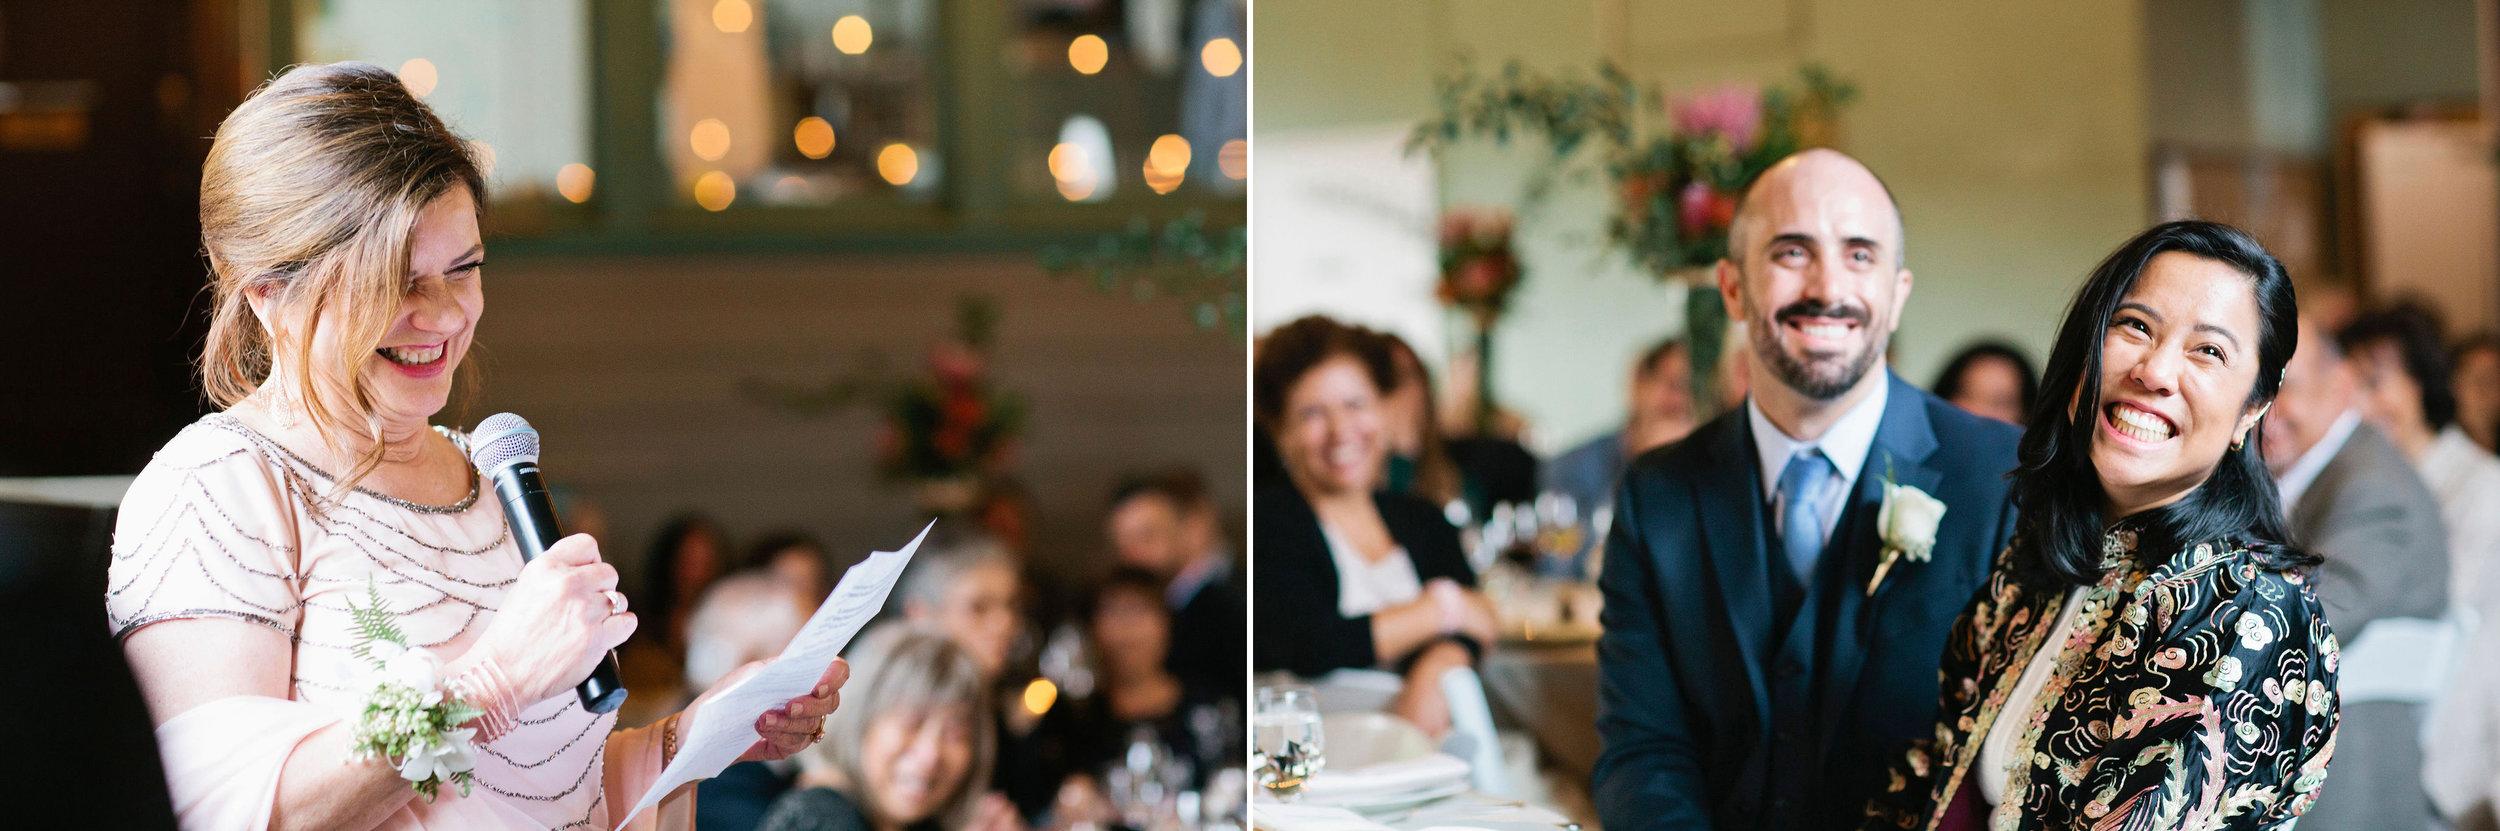 Presidio-Yacht-Club-Wedding-083 copy.jpg